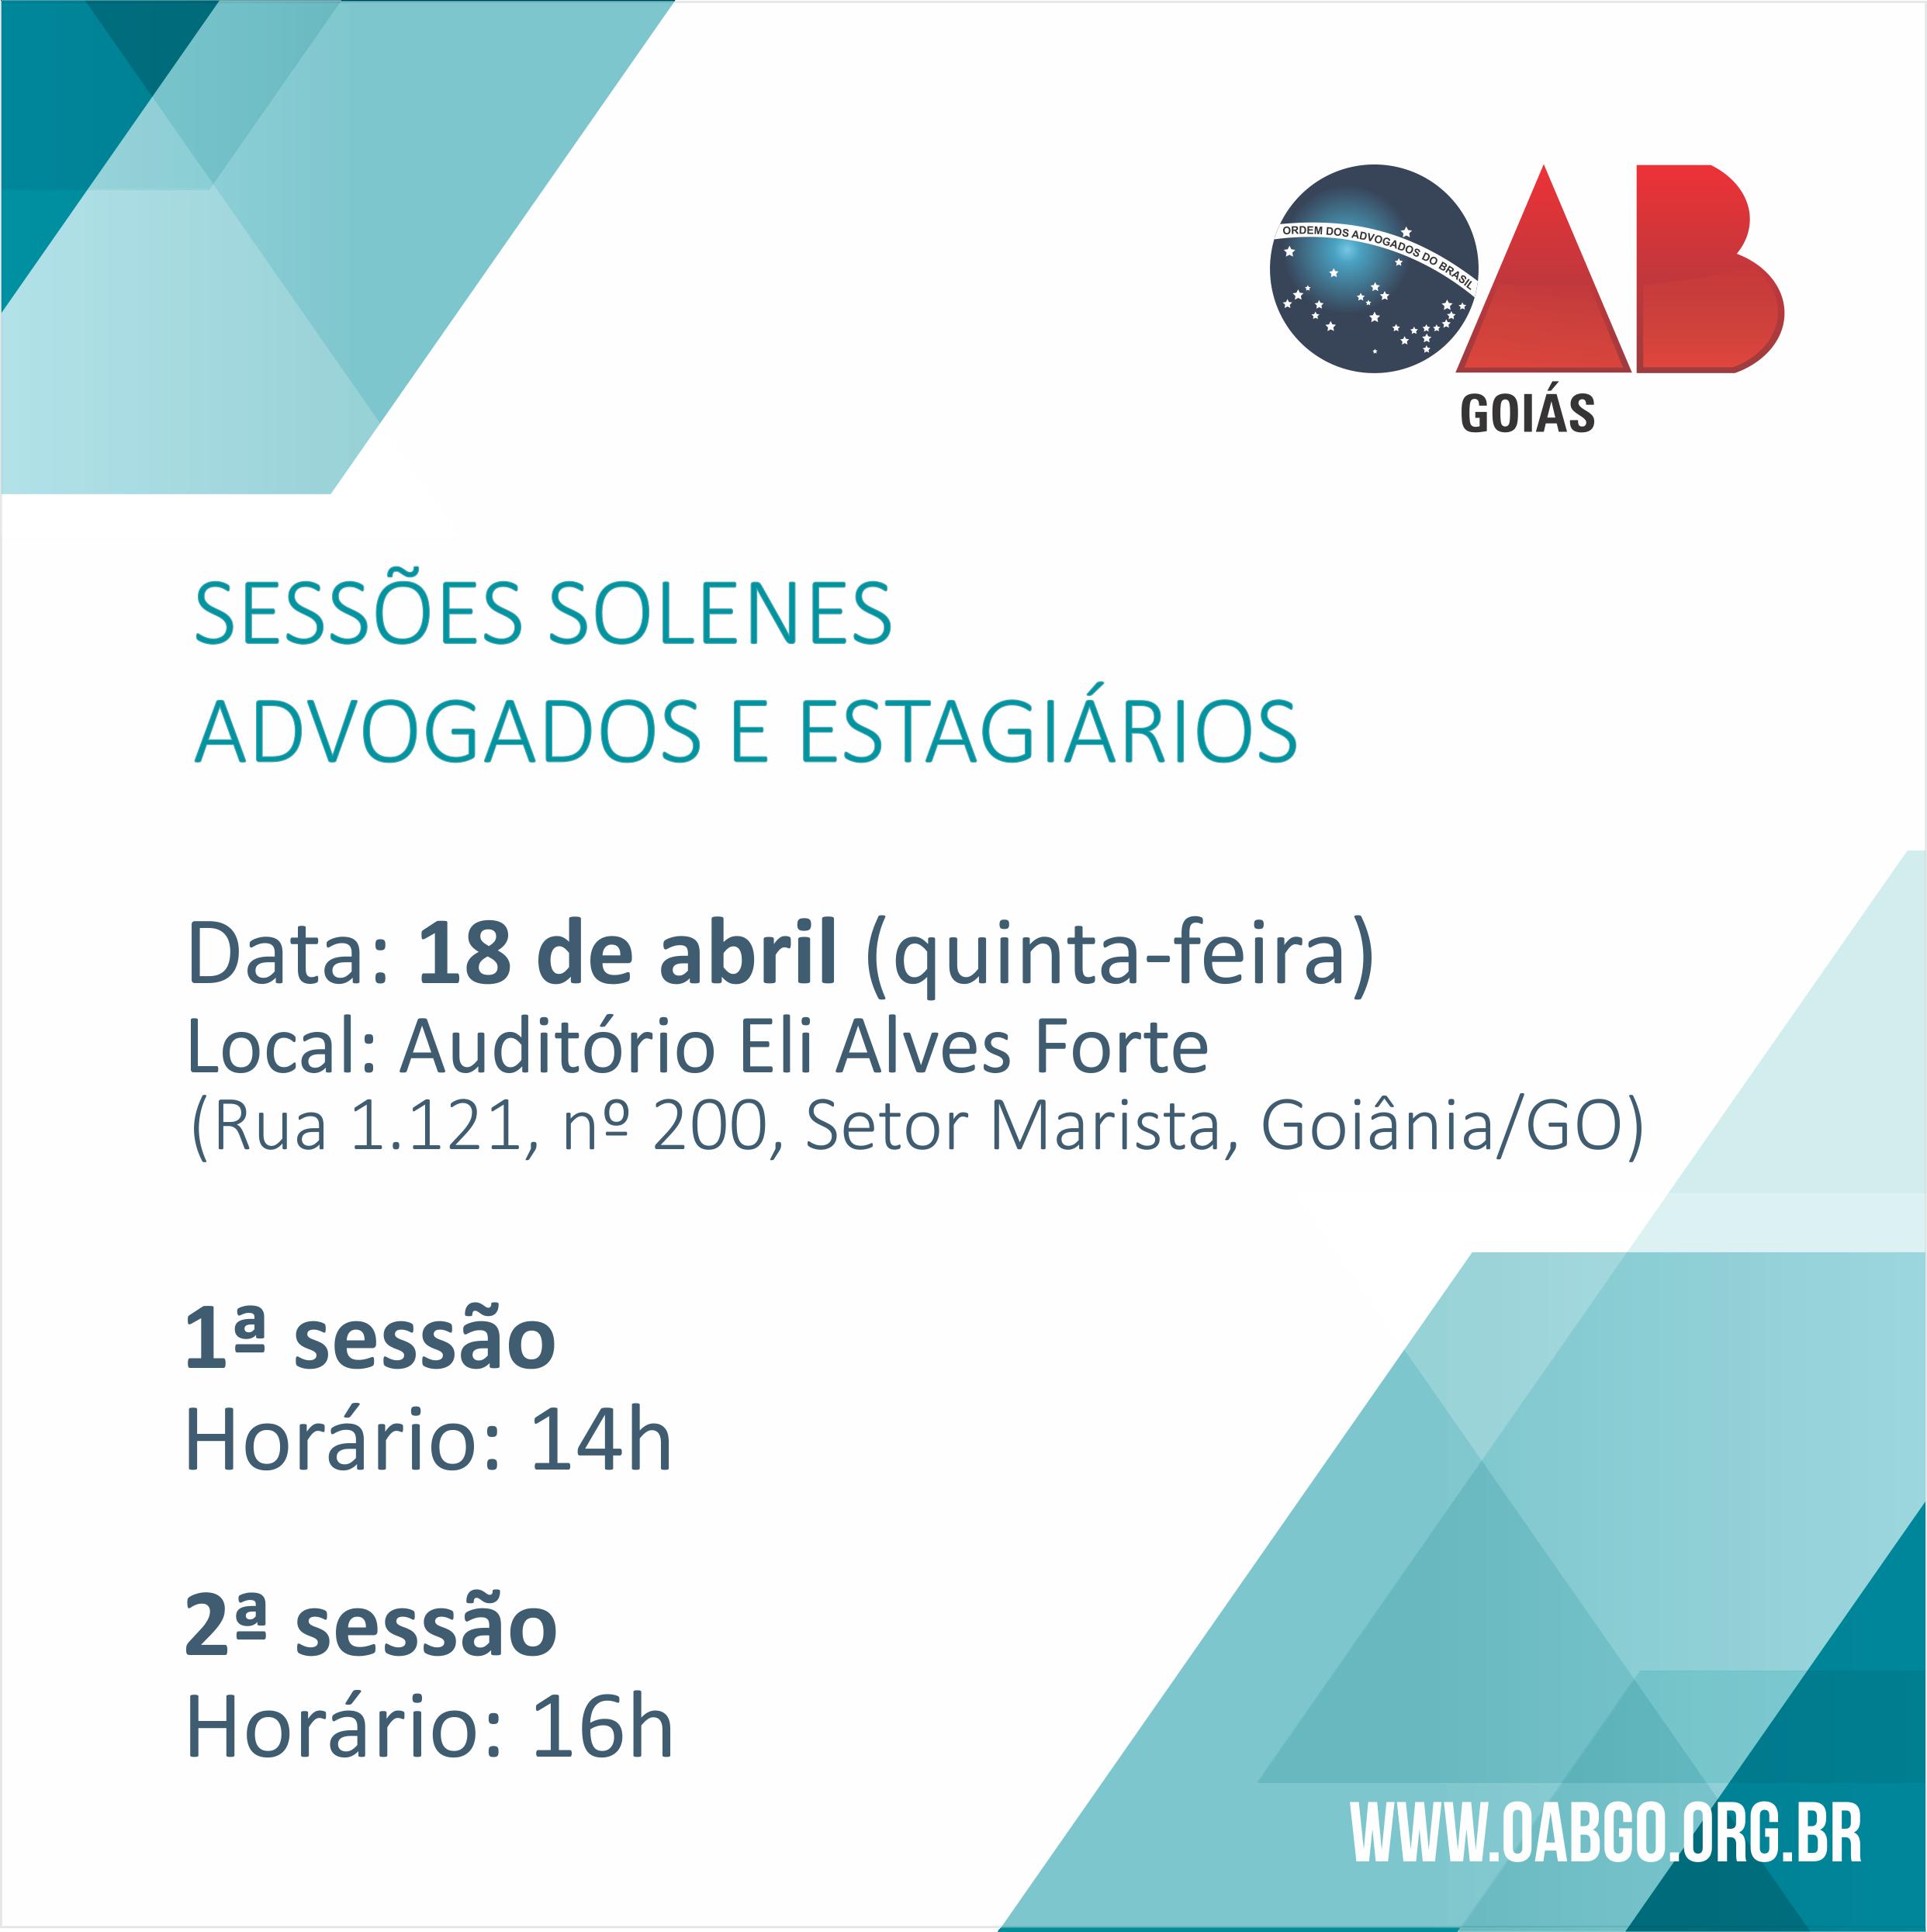 18.04 - Sessão Solene - Advogados e Estagiários